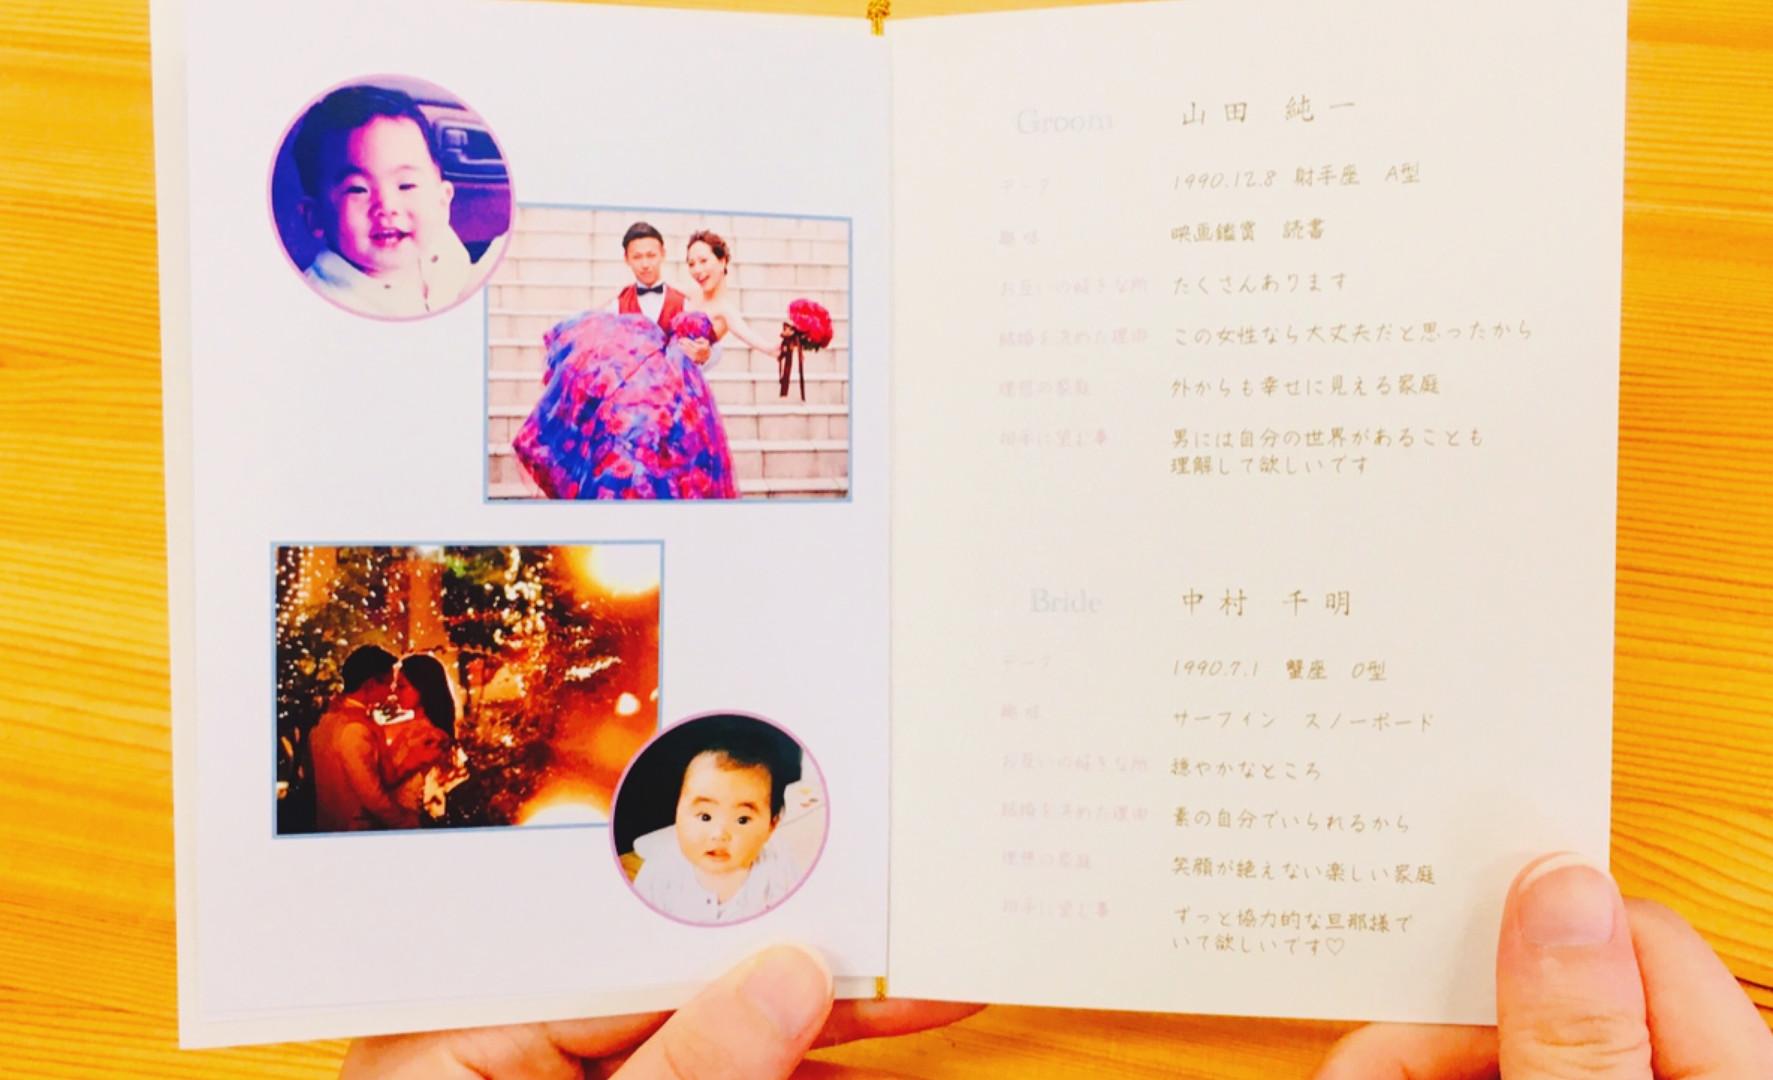 手持ち Just married デザイン3-B-4.jpg